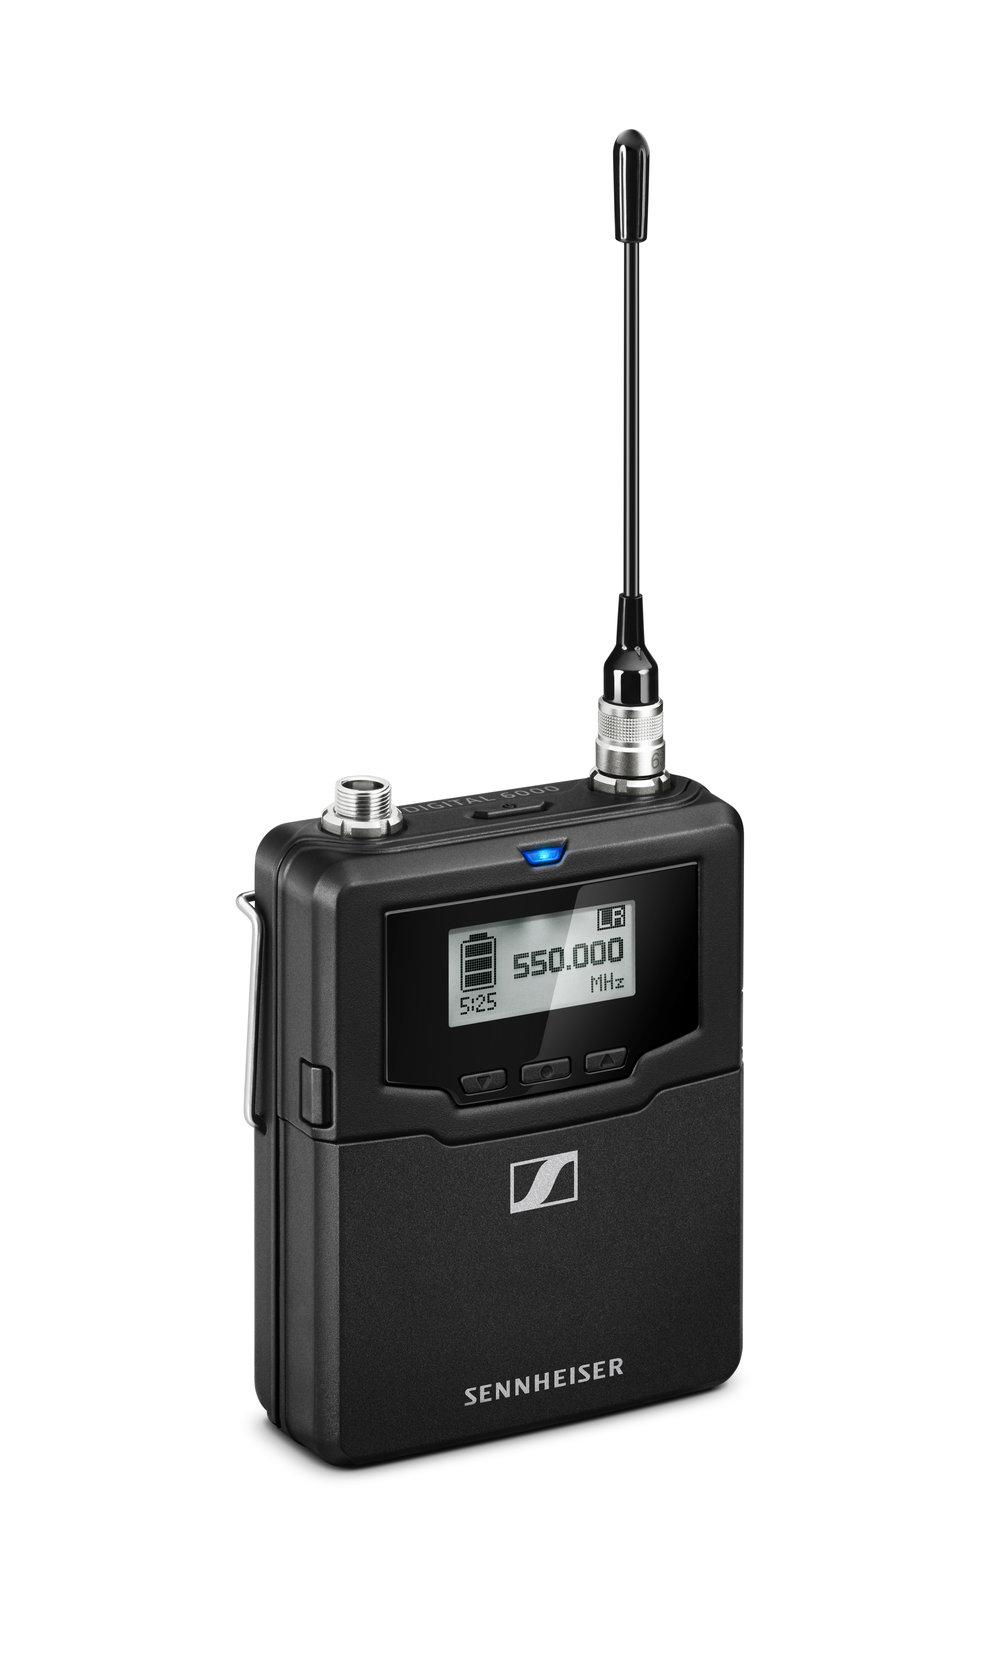 Ficksändaren känns både smidig och robust och finns i tre olika frekvensområden: 470–558, 550–638 samt 630–718 MHz.